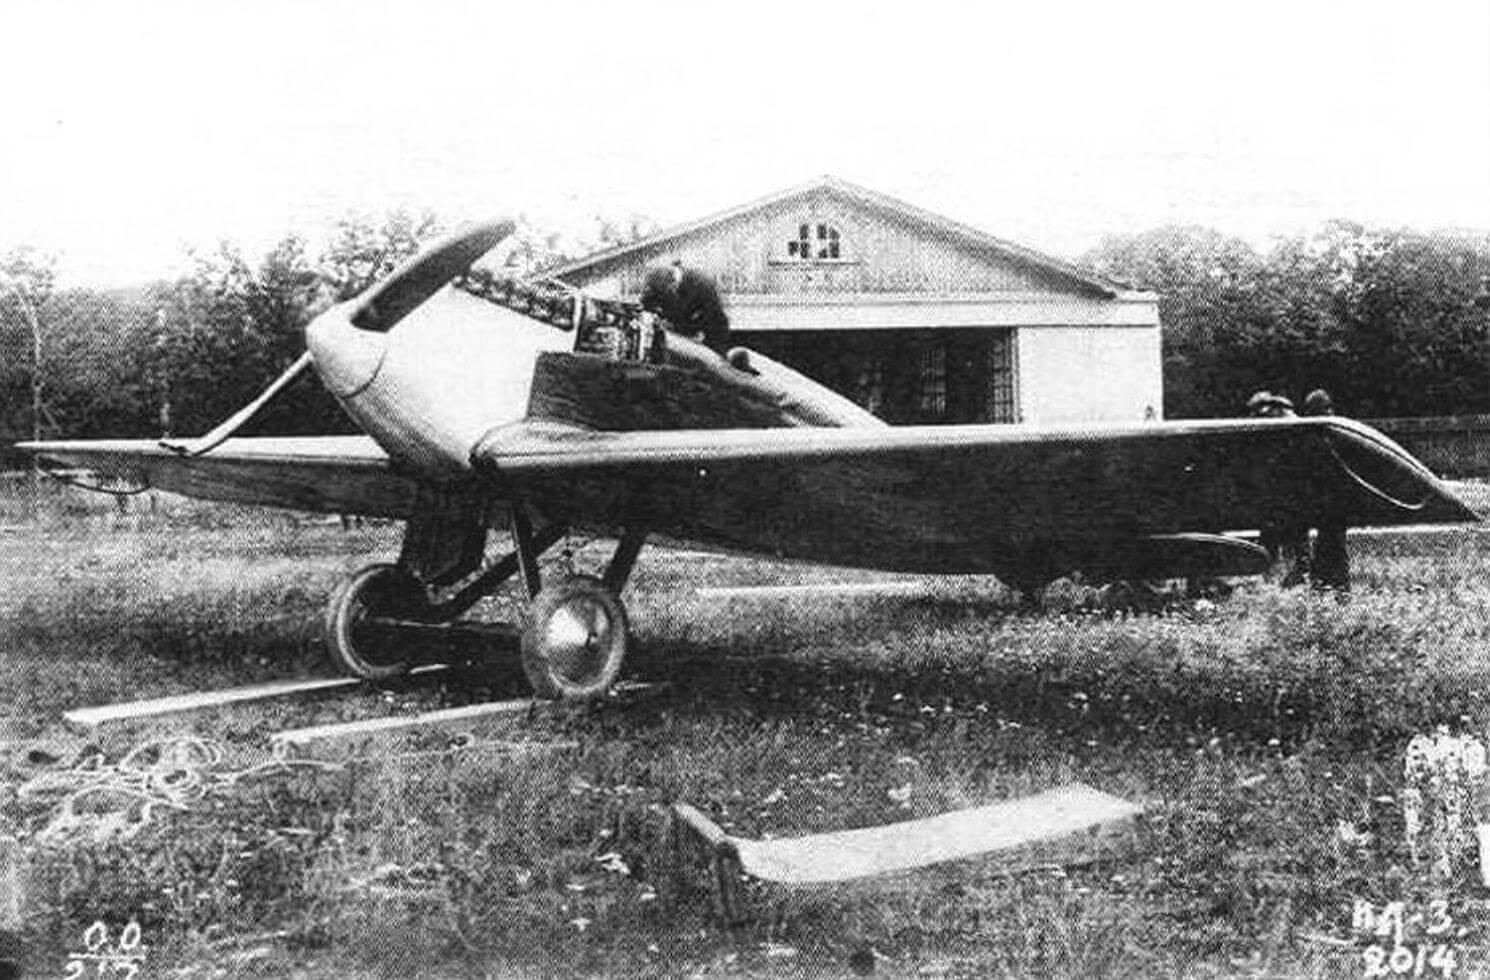 Третий опытный экземпляр ИЛ-400 позднее получил обозначение ИЛ-3 и стал образцом для небольшой серии, состоящей из 12 однотипных экземпляров. Самолет сфотографирован летом 1925 года перед ангаром, на котором написано: «Госуд. Авиационный завод Моска. Отдел испытаний самолетов».